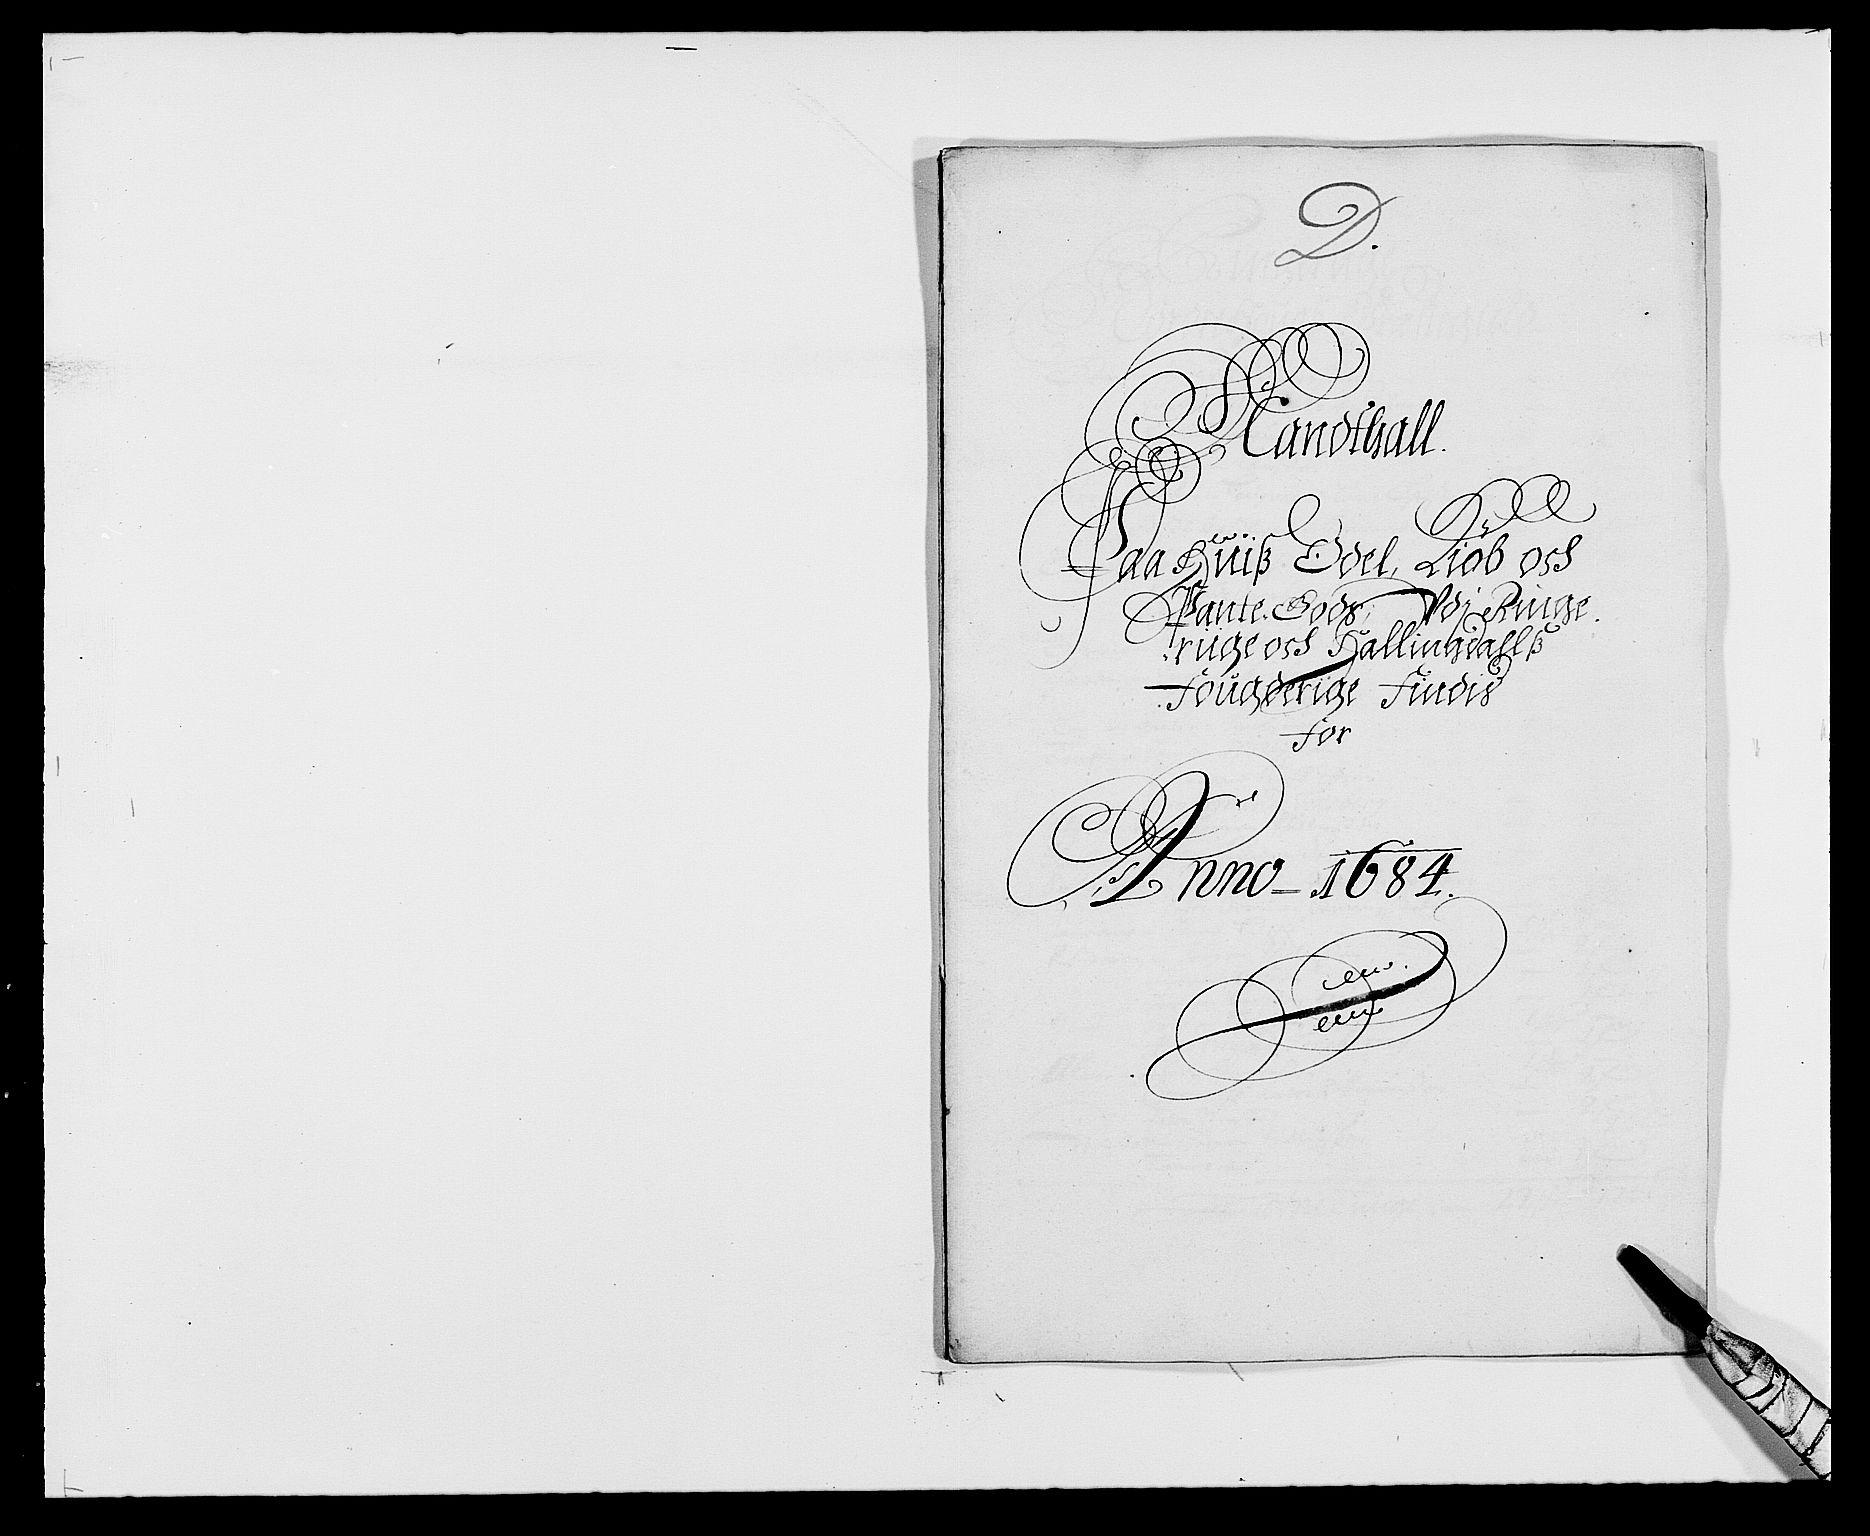 RA, Rentekammeret inntil 1814, Reviderte regnskaper, Fogderegnskap, R21/L1446: Fogderegnskap Ringerike og Hallingdal, 1683-1686, s. 204